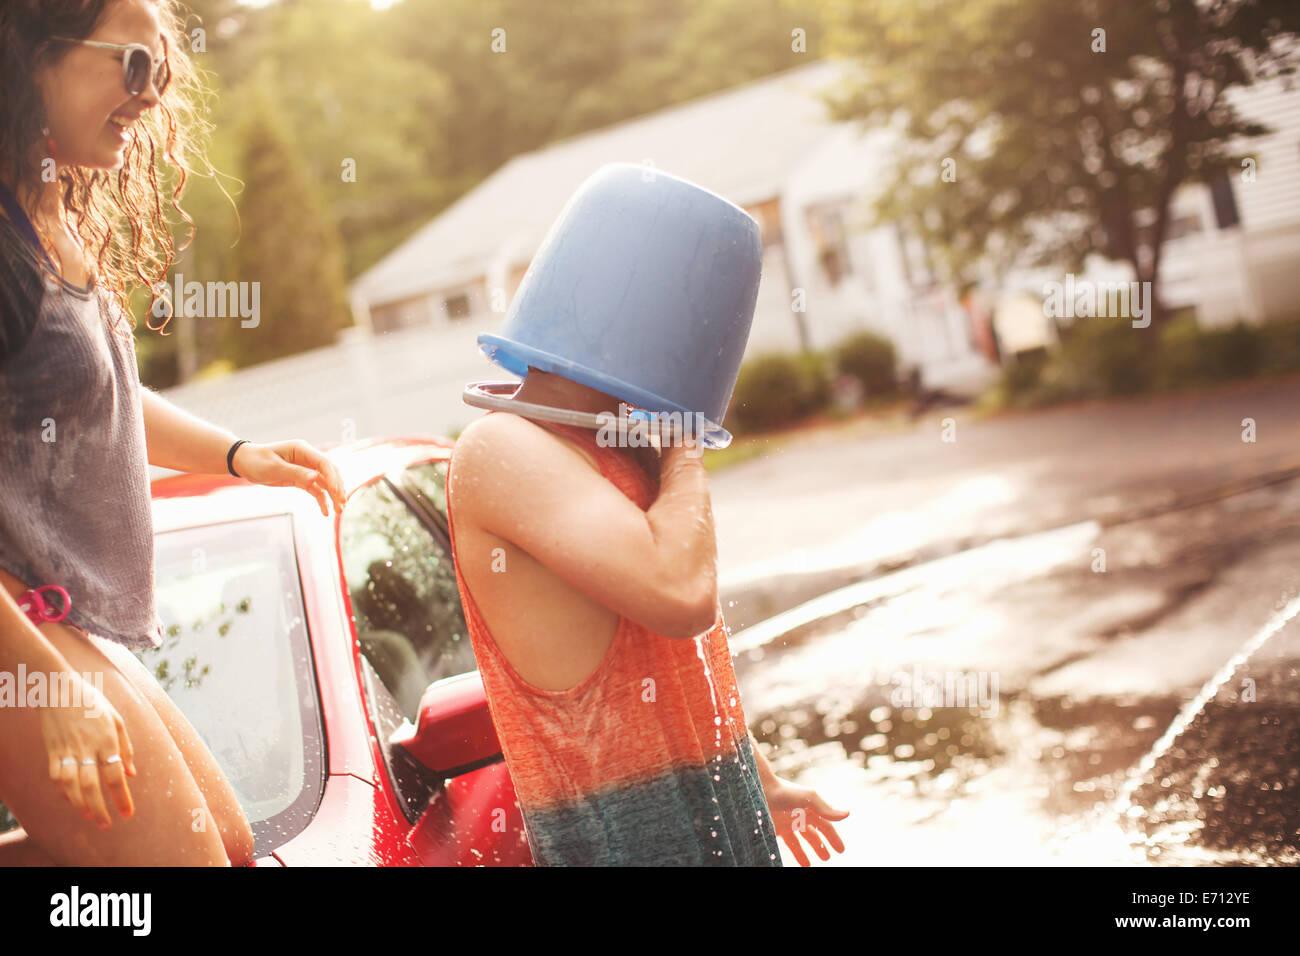 Giovane con benna testa di copertura Immagini Stock